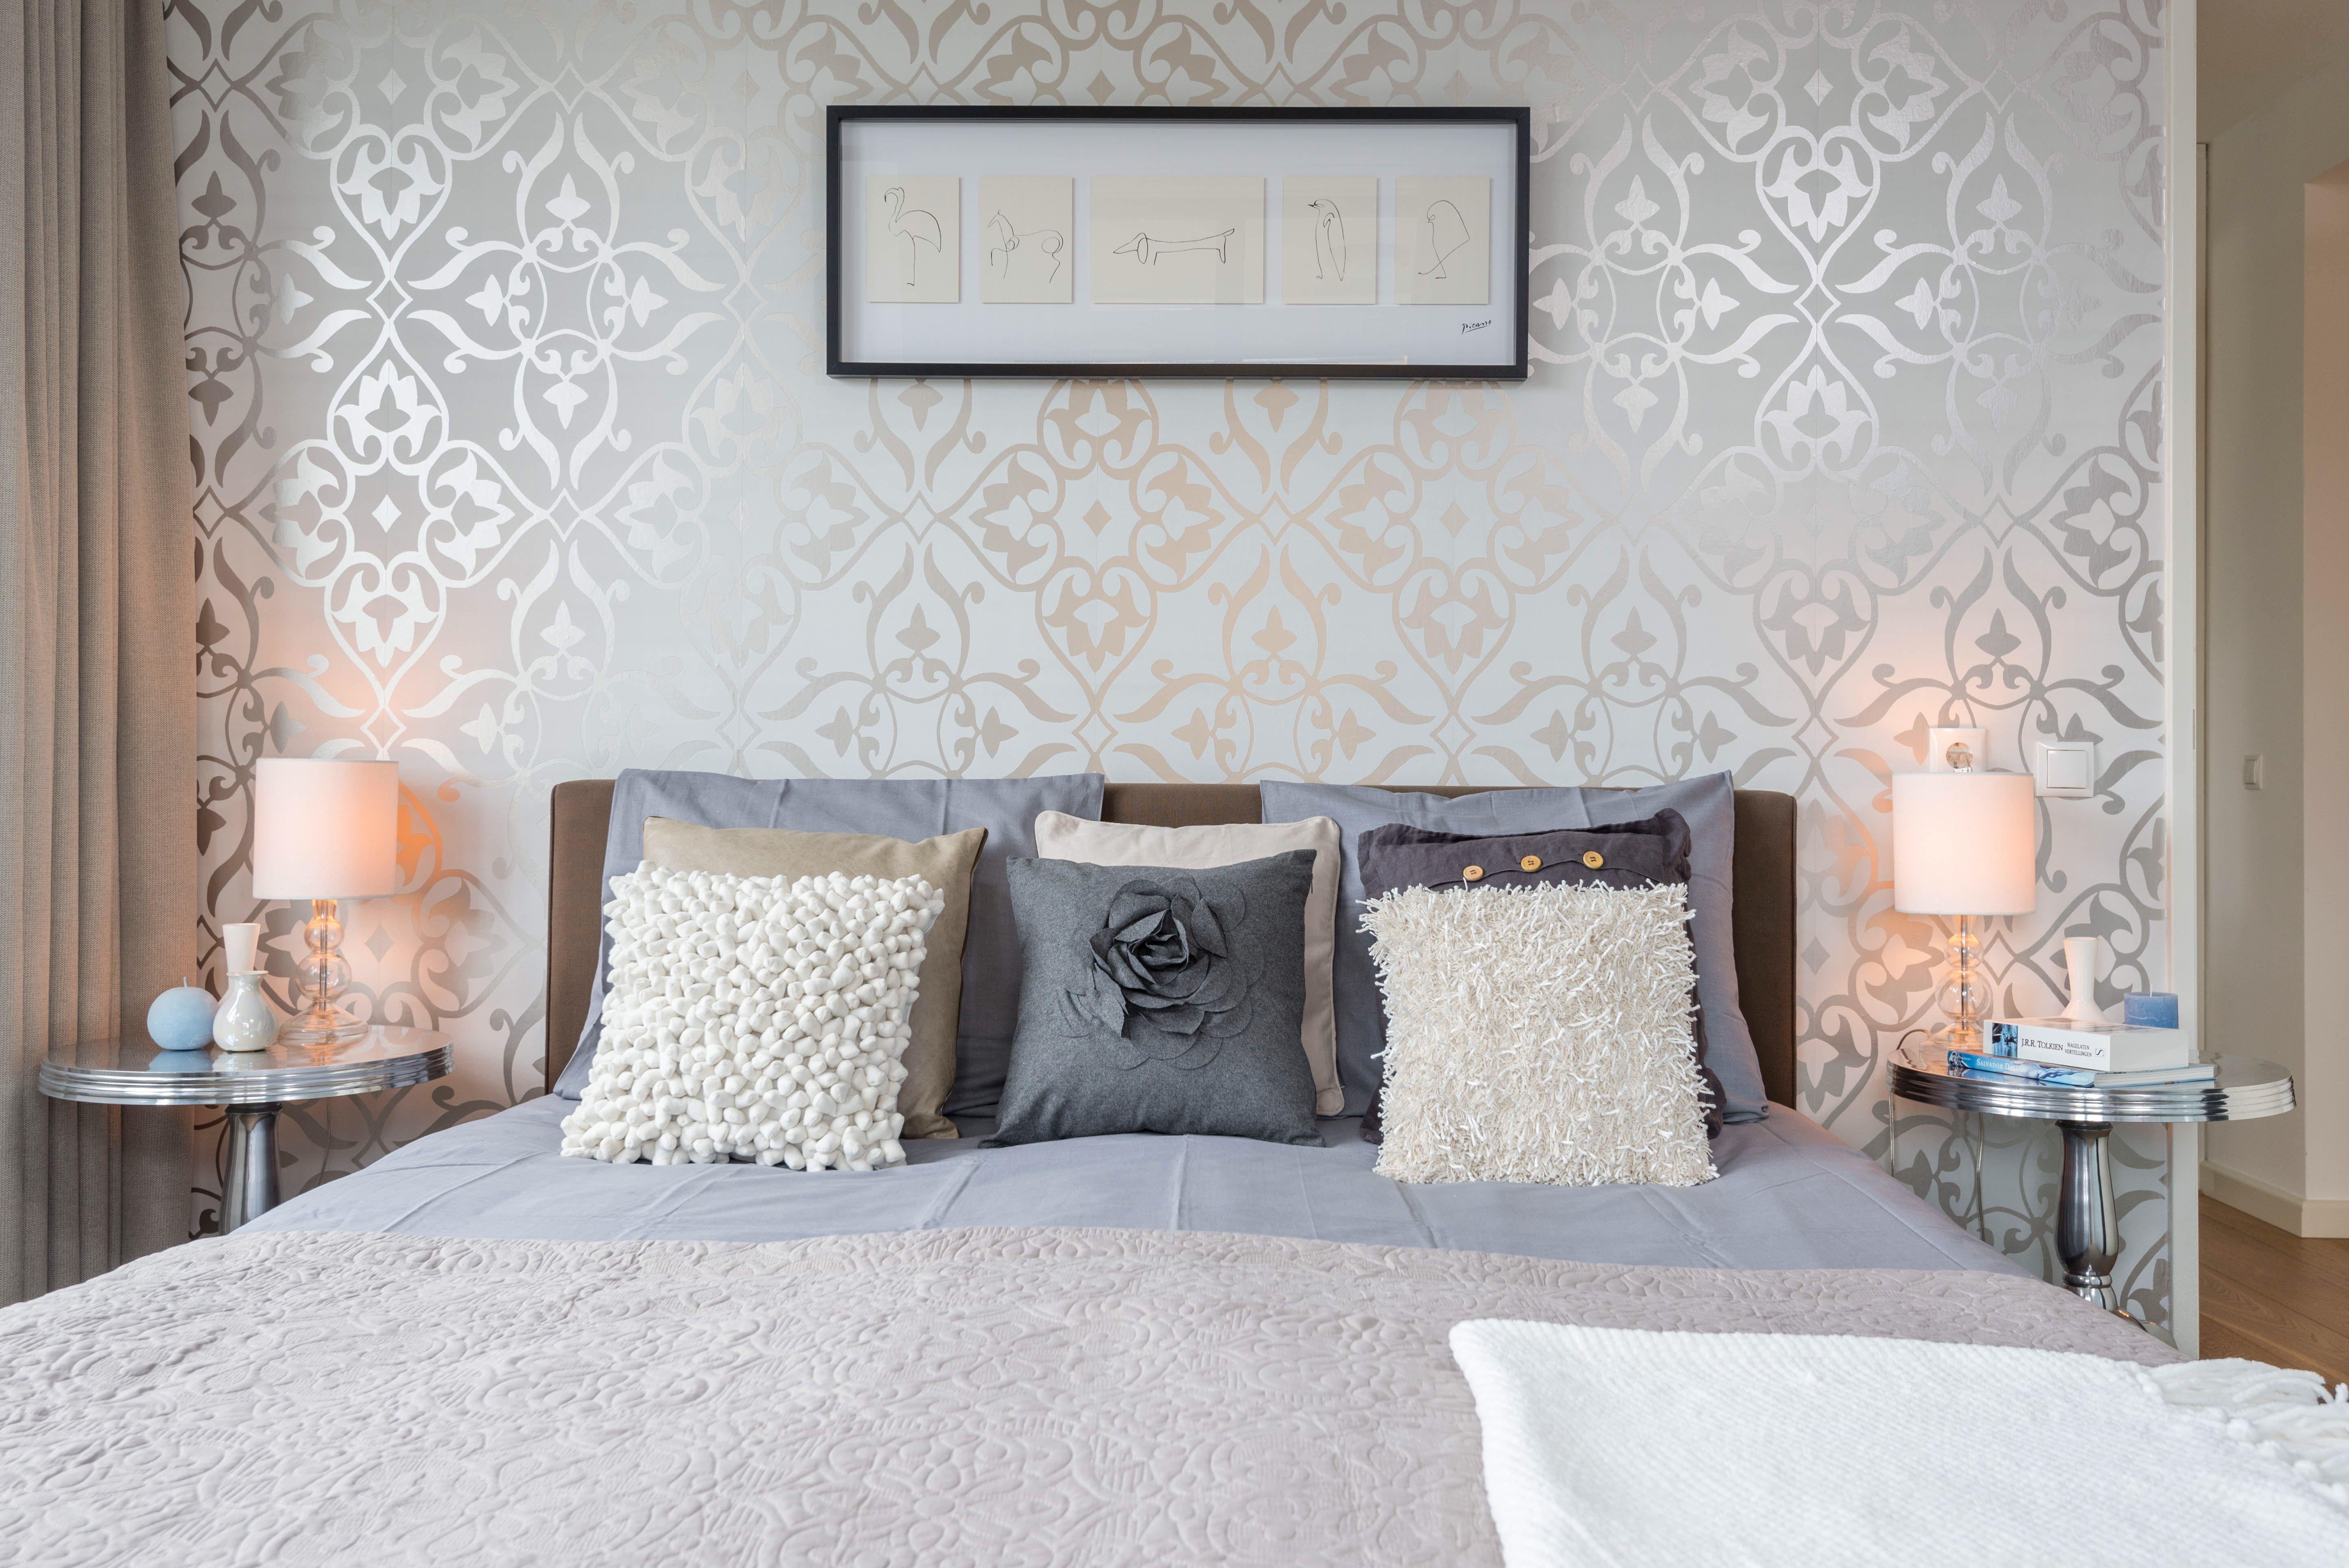 Bedroom http://m.funda.nl/koop/krimpen-aan-den-ijssel/appartement-48091409-landgoed-nederhoven-27/